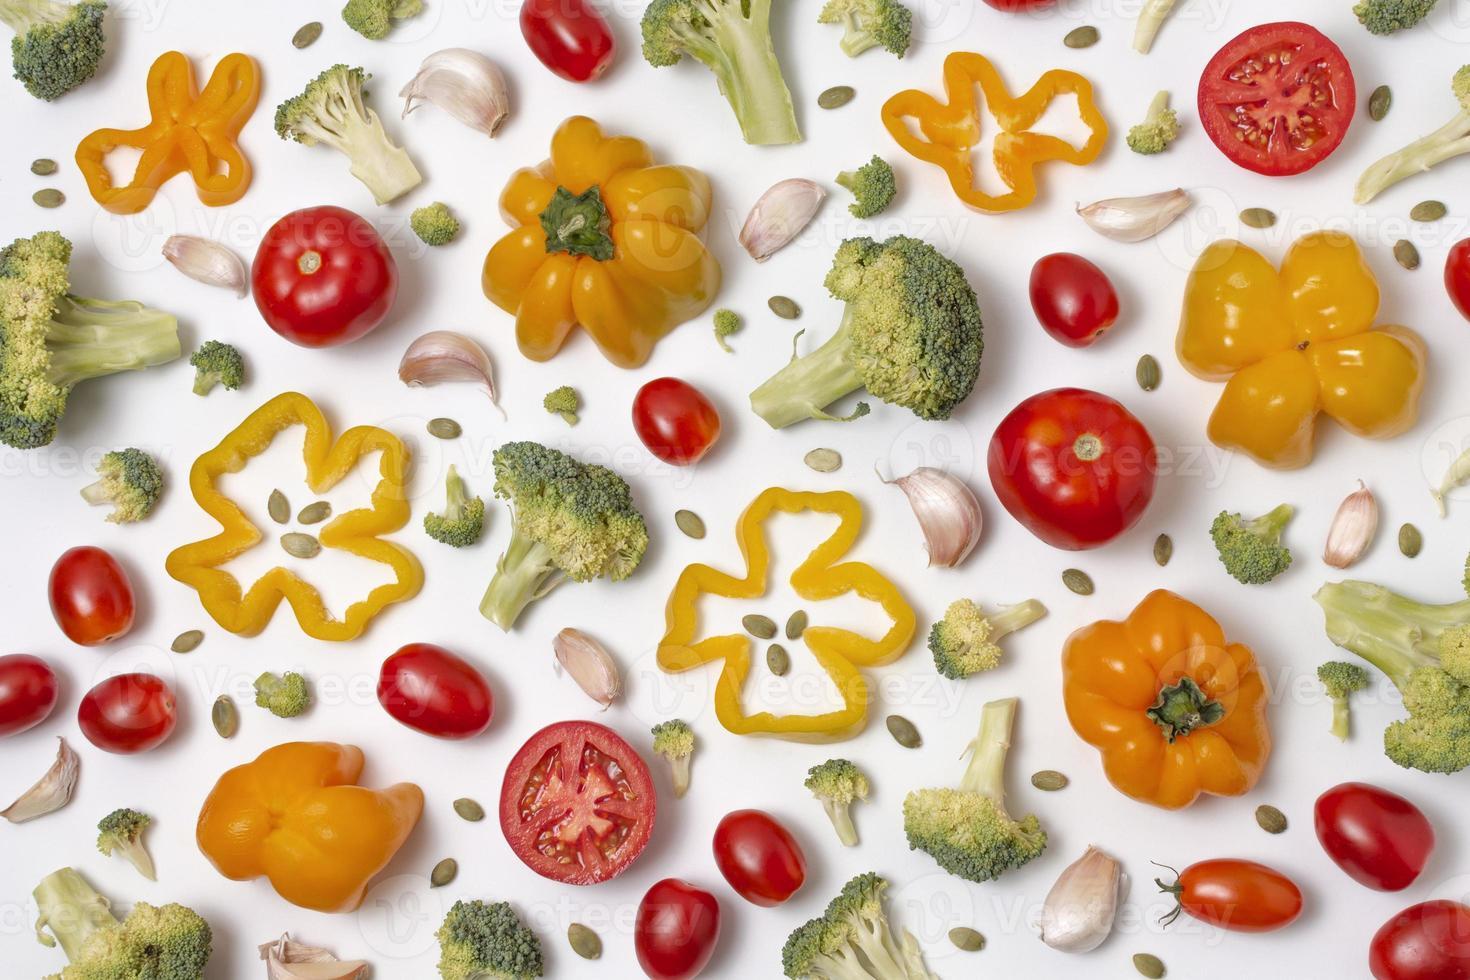 deliciosa composición de verduras maduras foto